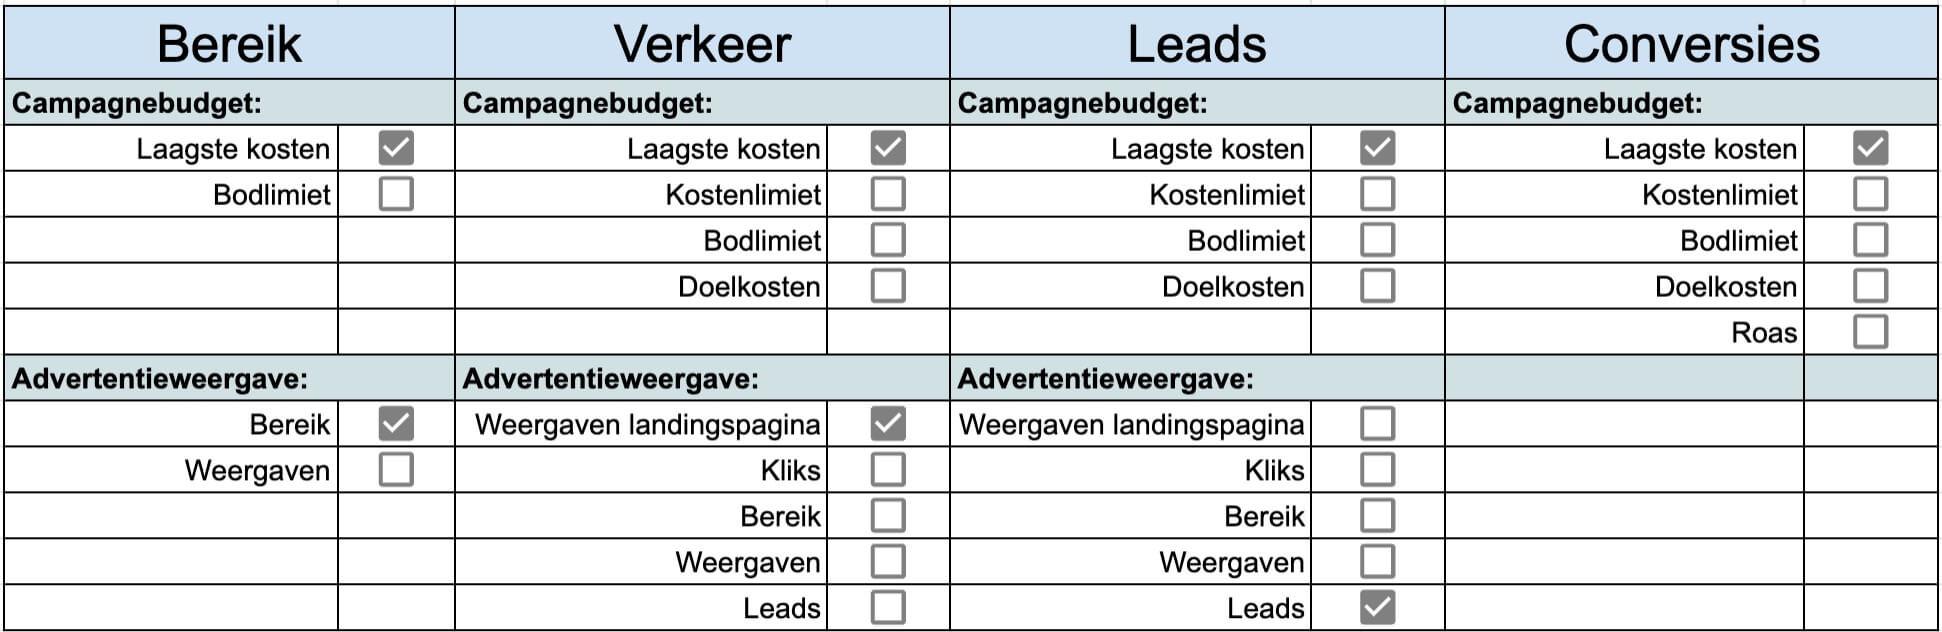 Biedstrategie per campagne